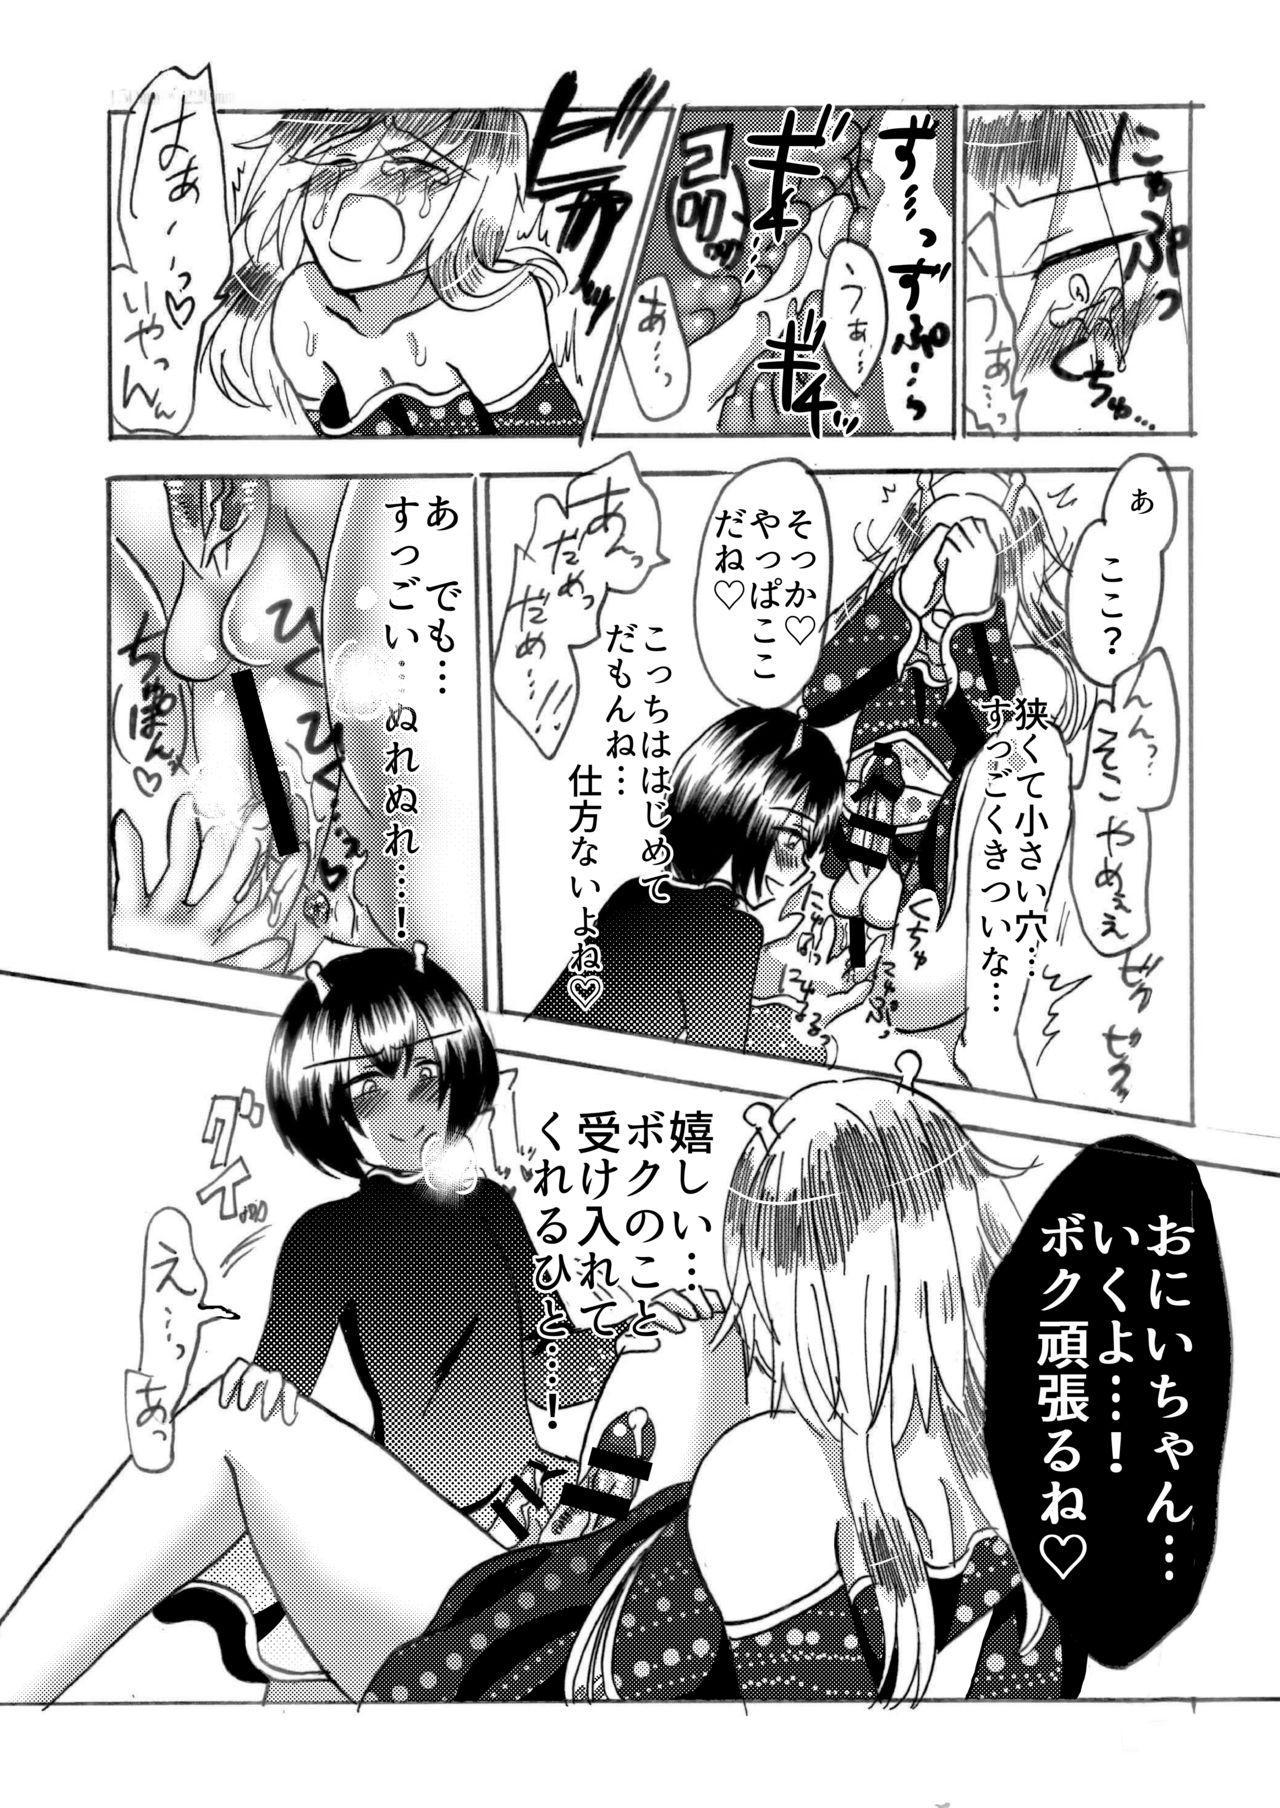 Hira-zoku no Hanashi 19